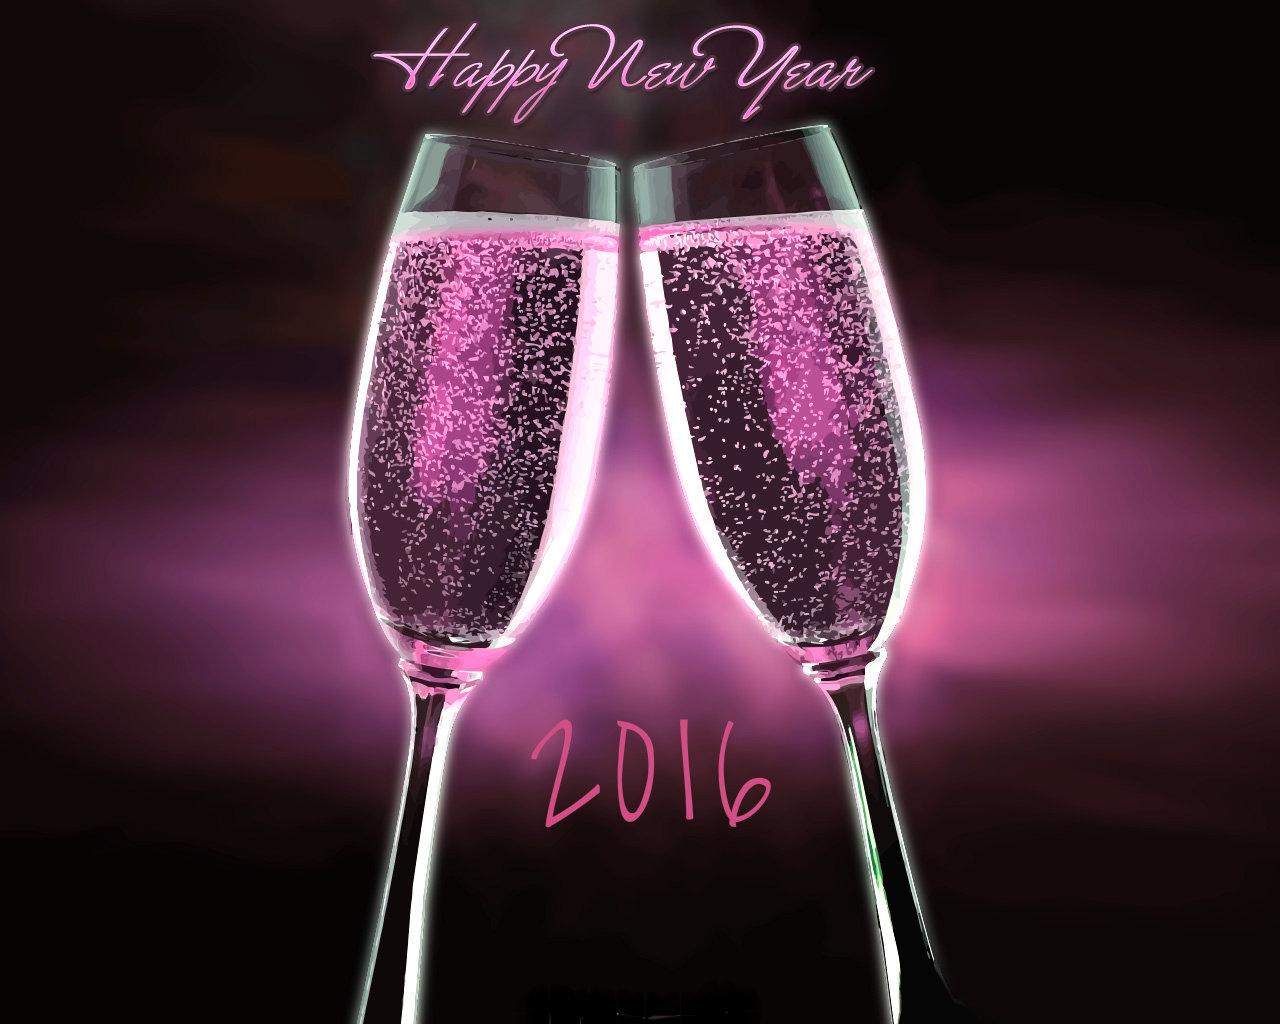 čestitke za božić i novu godinu 2014 slike 1280x1024 Pozadine za desktop: Happy New Year 2016, čestitka za  čestitke za božić i novu godinu 2014 slike